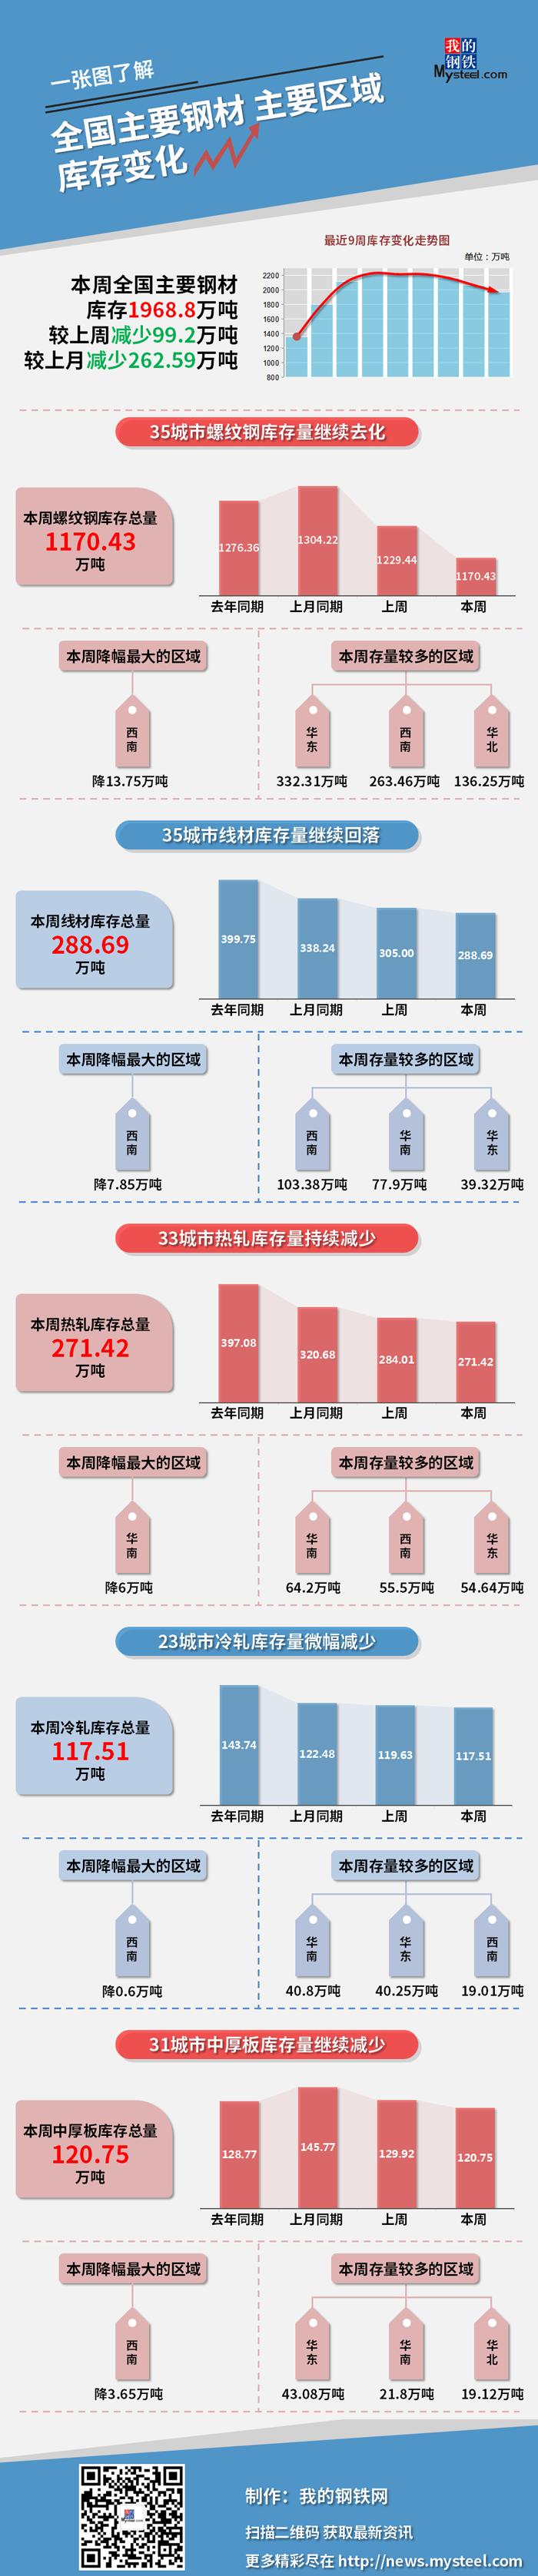 图说 | 本周钢材社会库存减少99.2万吨(3月26日—4月1日)